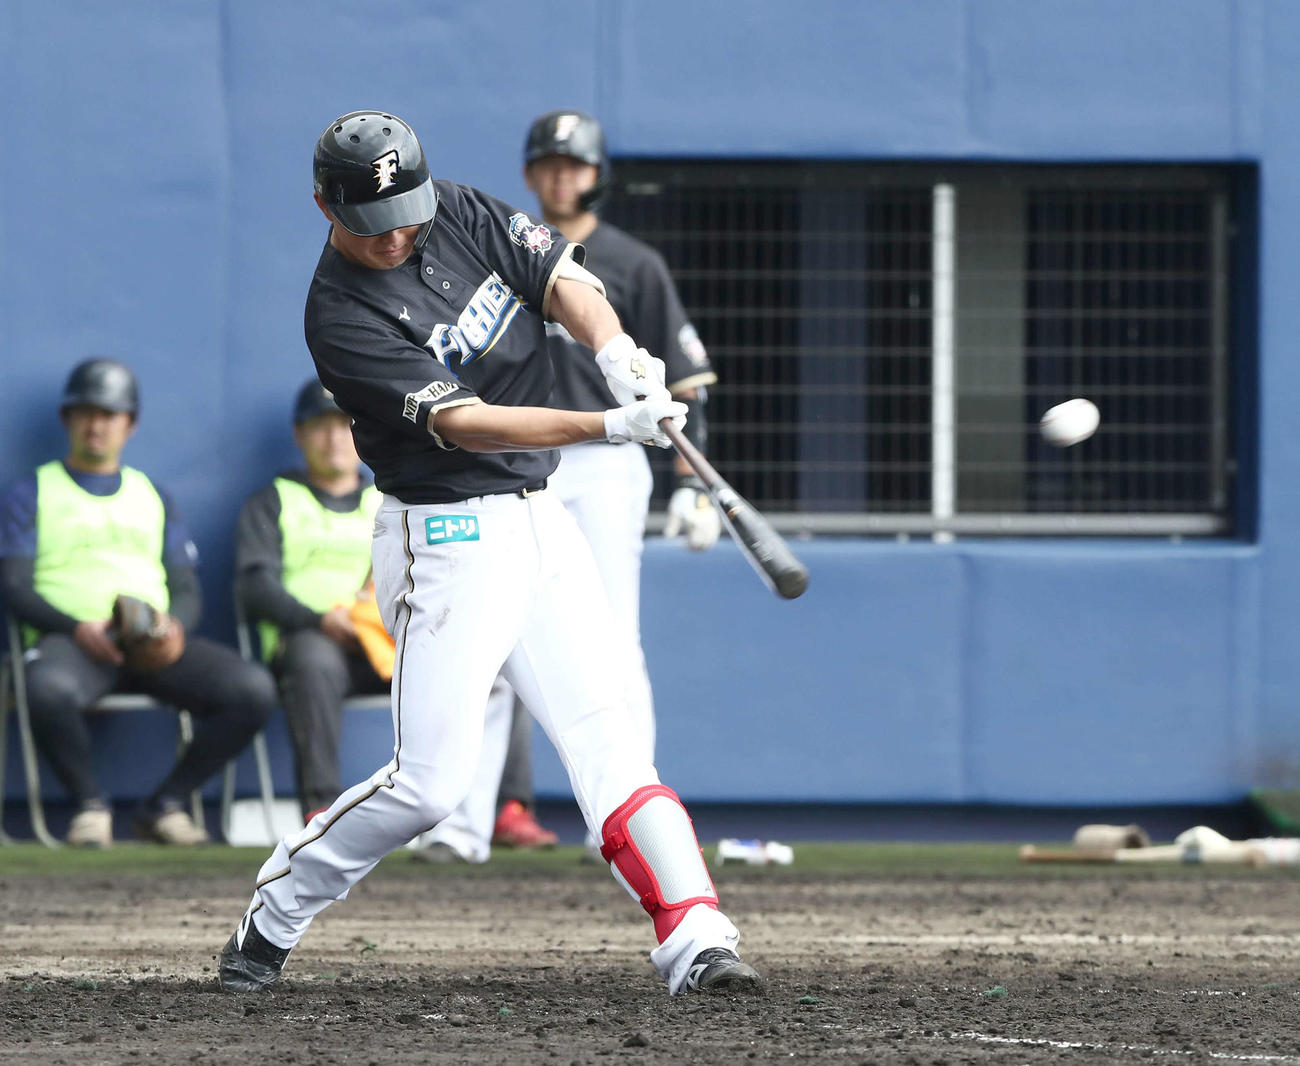 日本ハム紅白戦 5回表紅組2死一塁、左越え2点本塁打を放つ高浜(撮影・黒川智章)